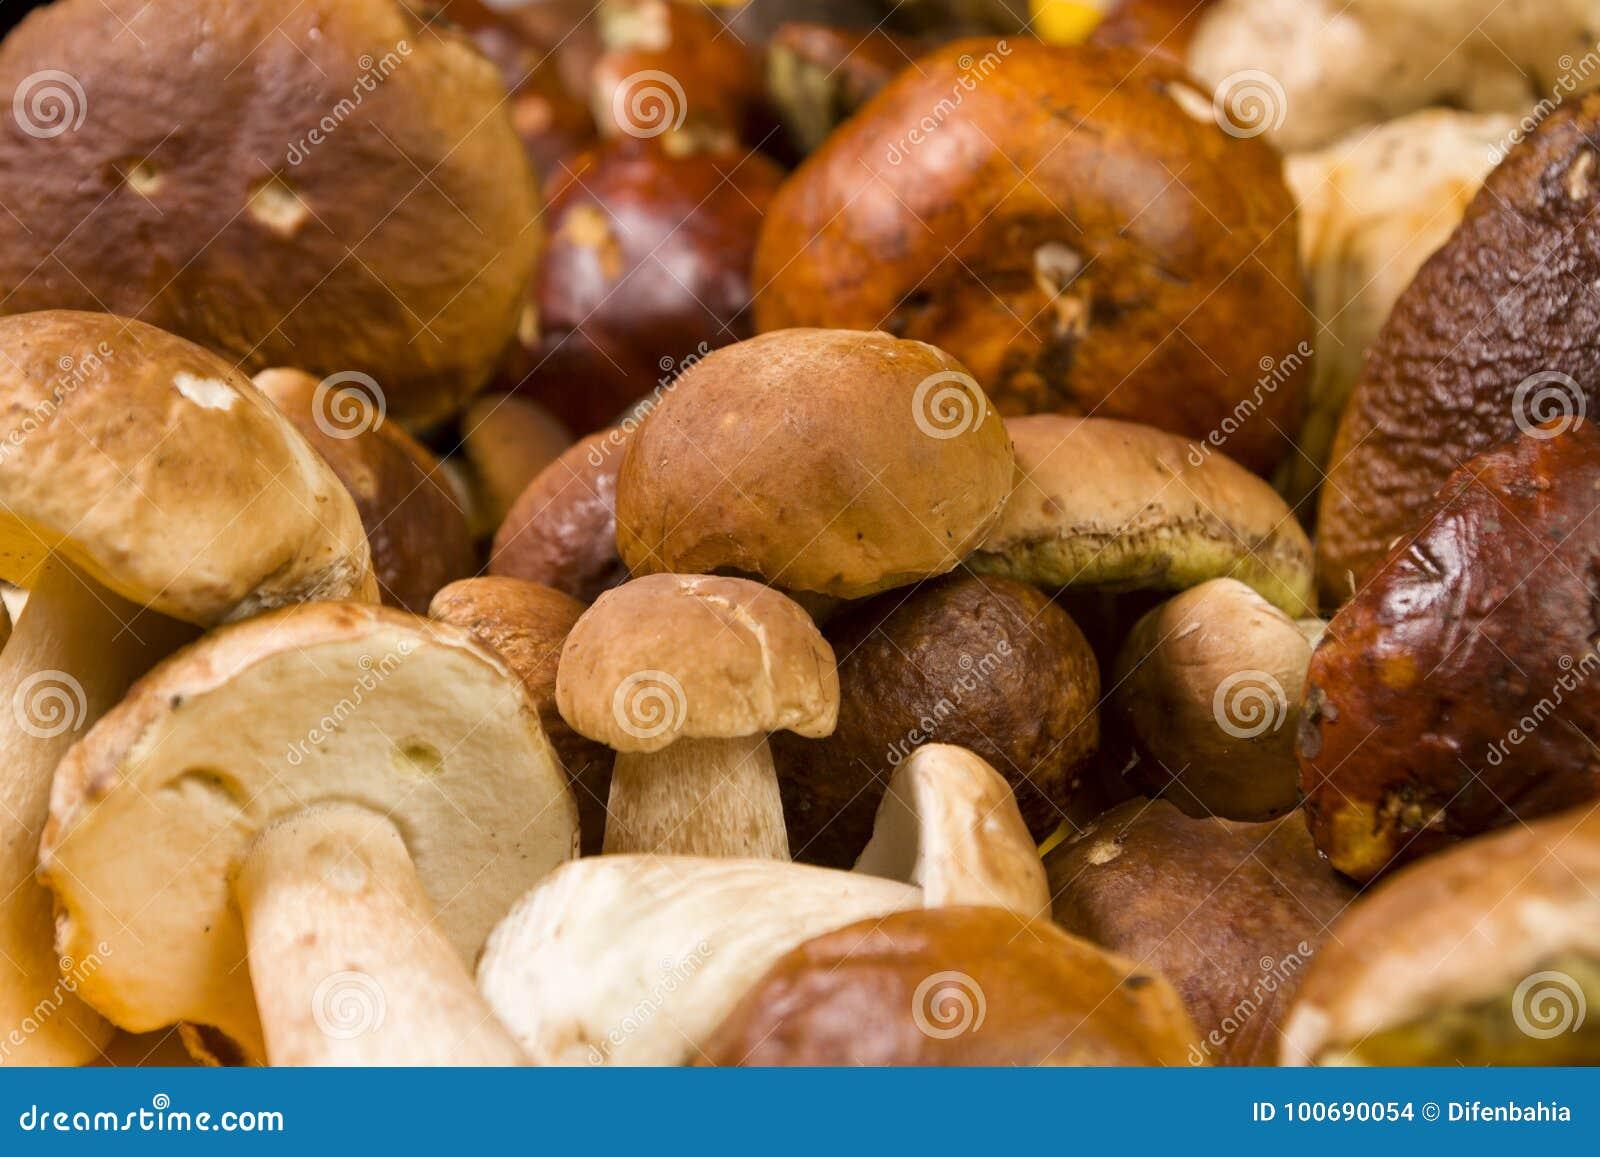 Freshly harvested Boletus mushrooms background